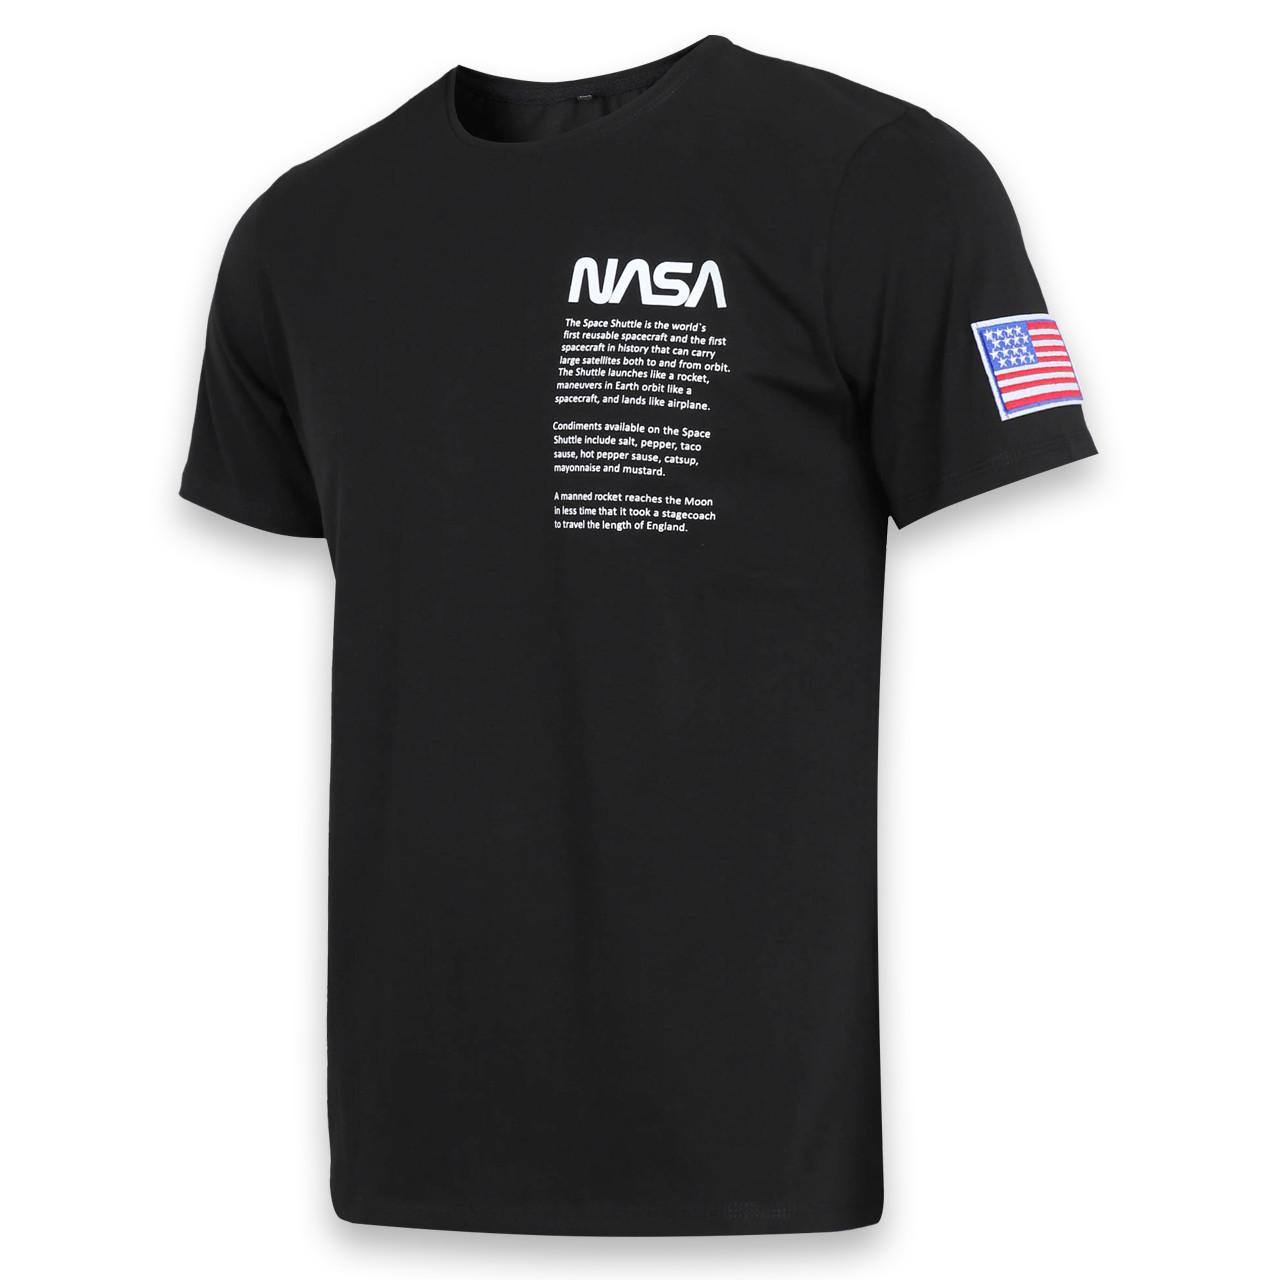 Футболка черный NASA №4 Ф-10 BLK L(Р) 20-815-020-001